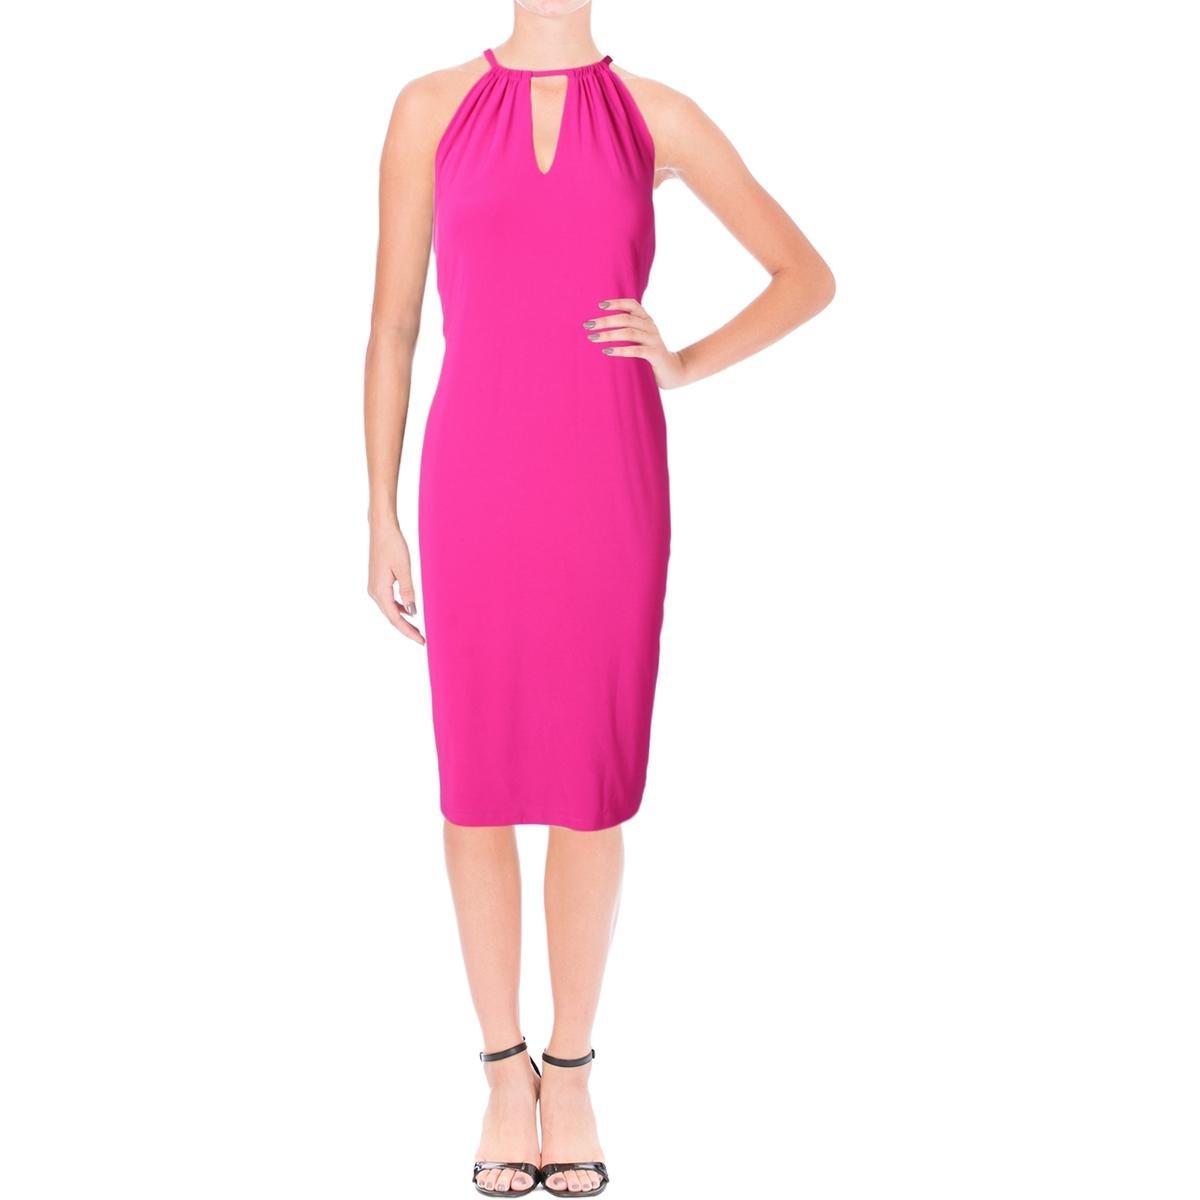 Lauren Ralph Lauren Womens Jersey Stretch Cocktail Dress Pink XS